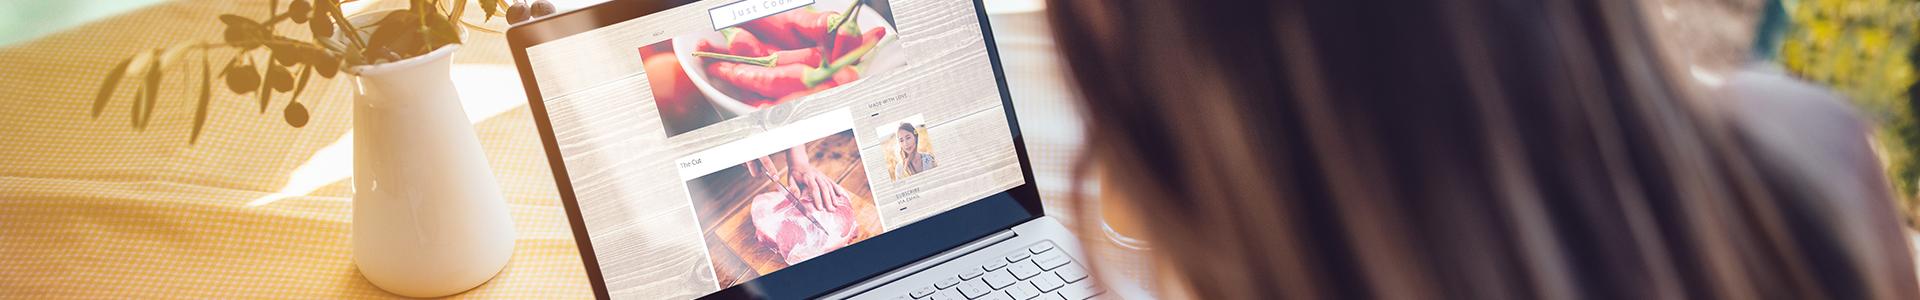 Vindbaarheid wordpress website